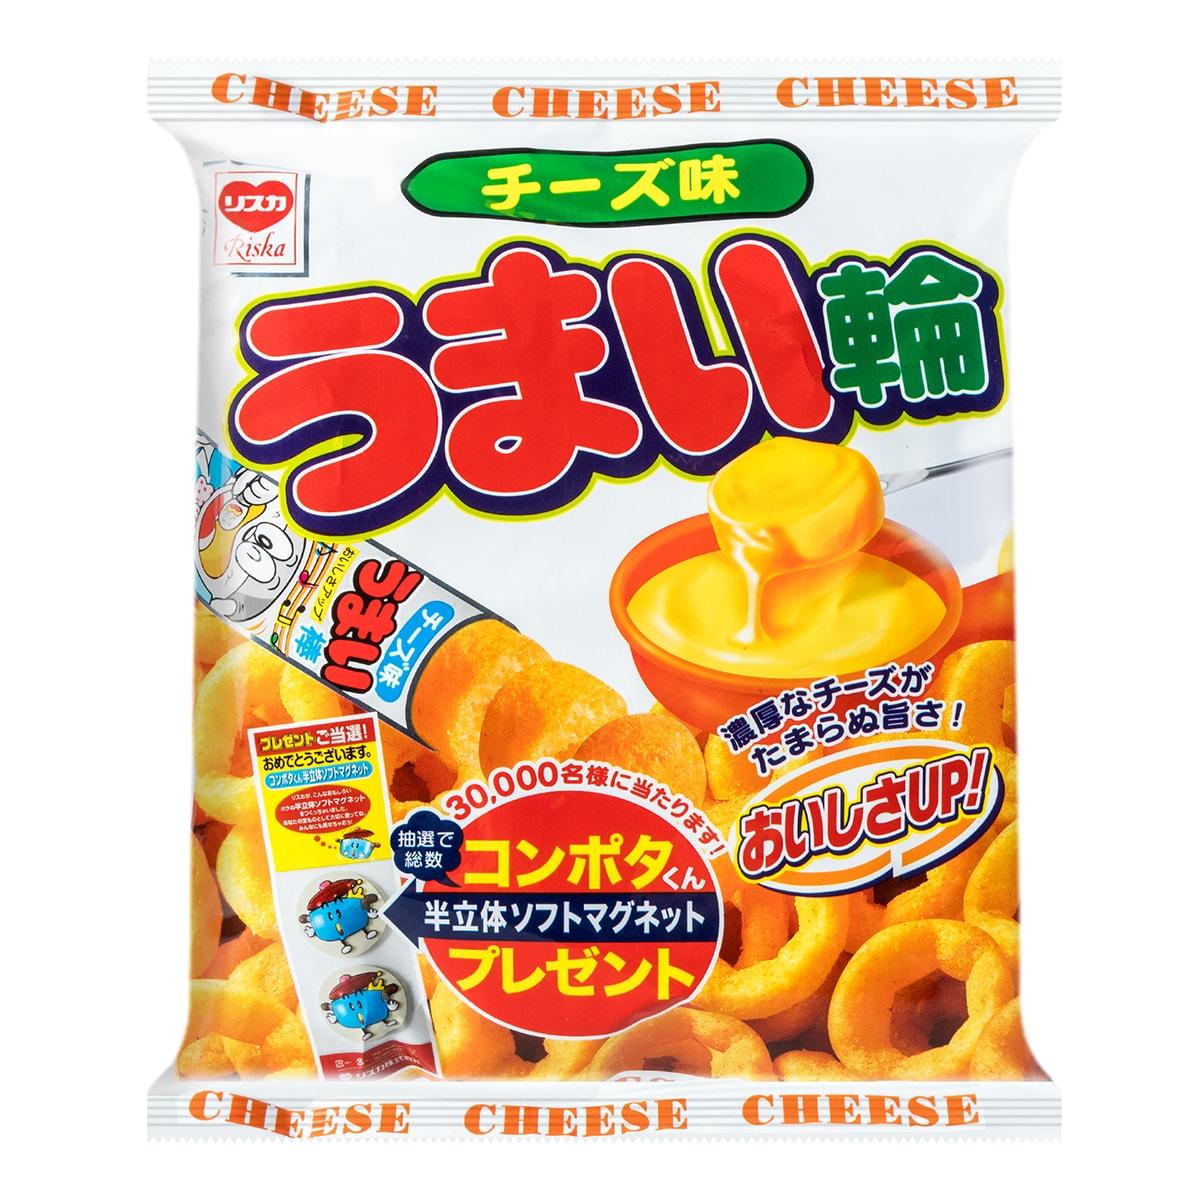 RISKA Corn Circle Cheese Flavor 75g